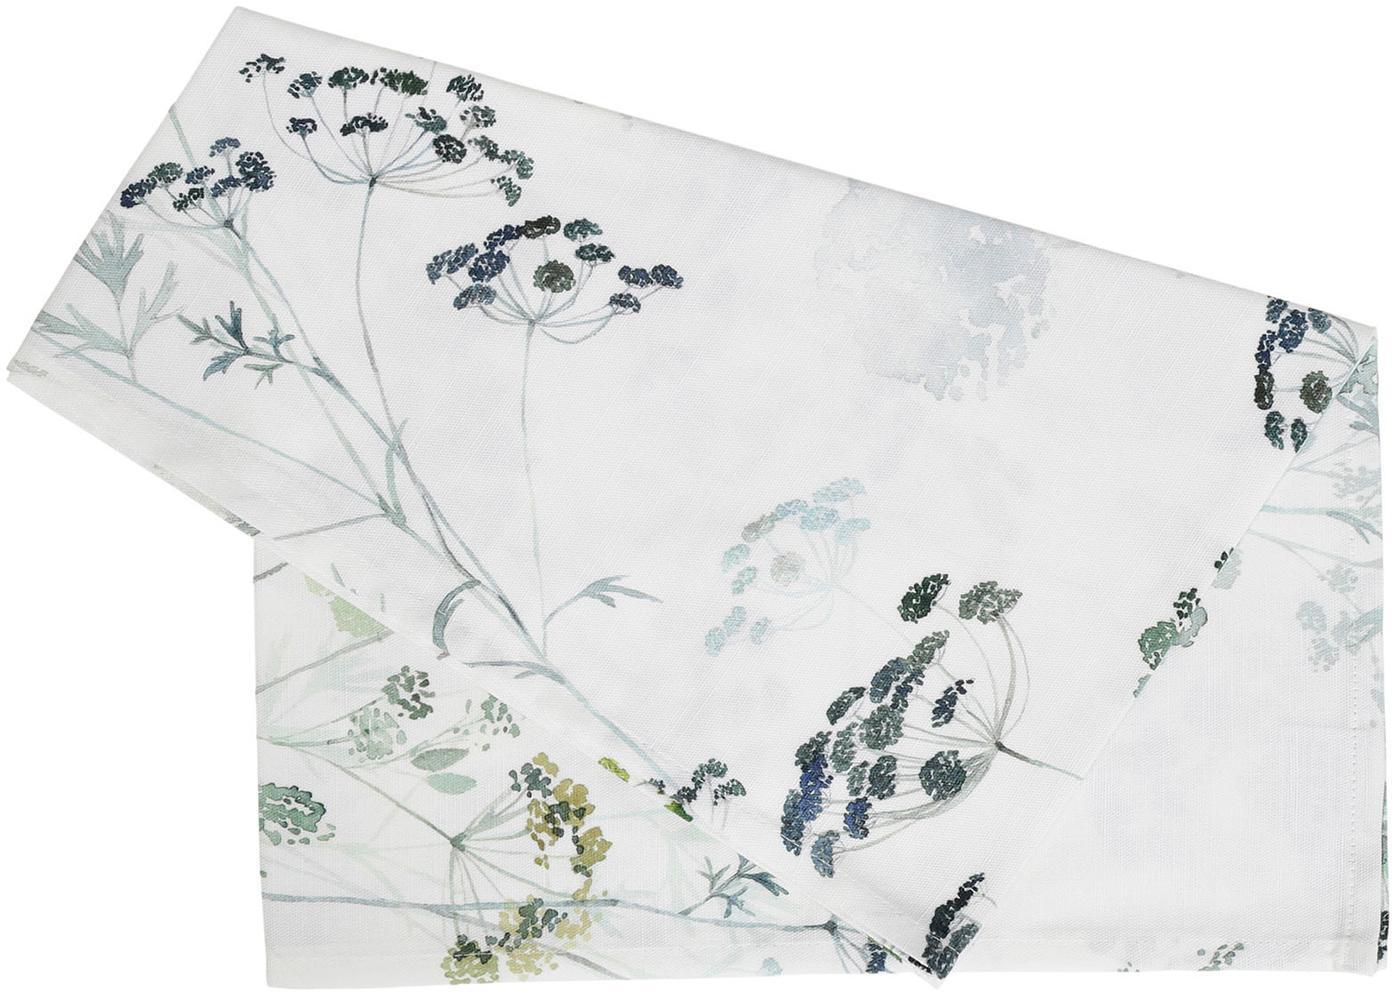 Tischläufer Herbier, Baumwolle, Weiß, Grün, 50 x 160 cm